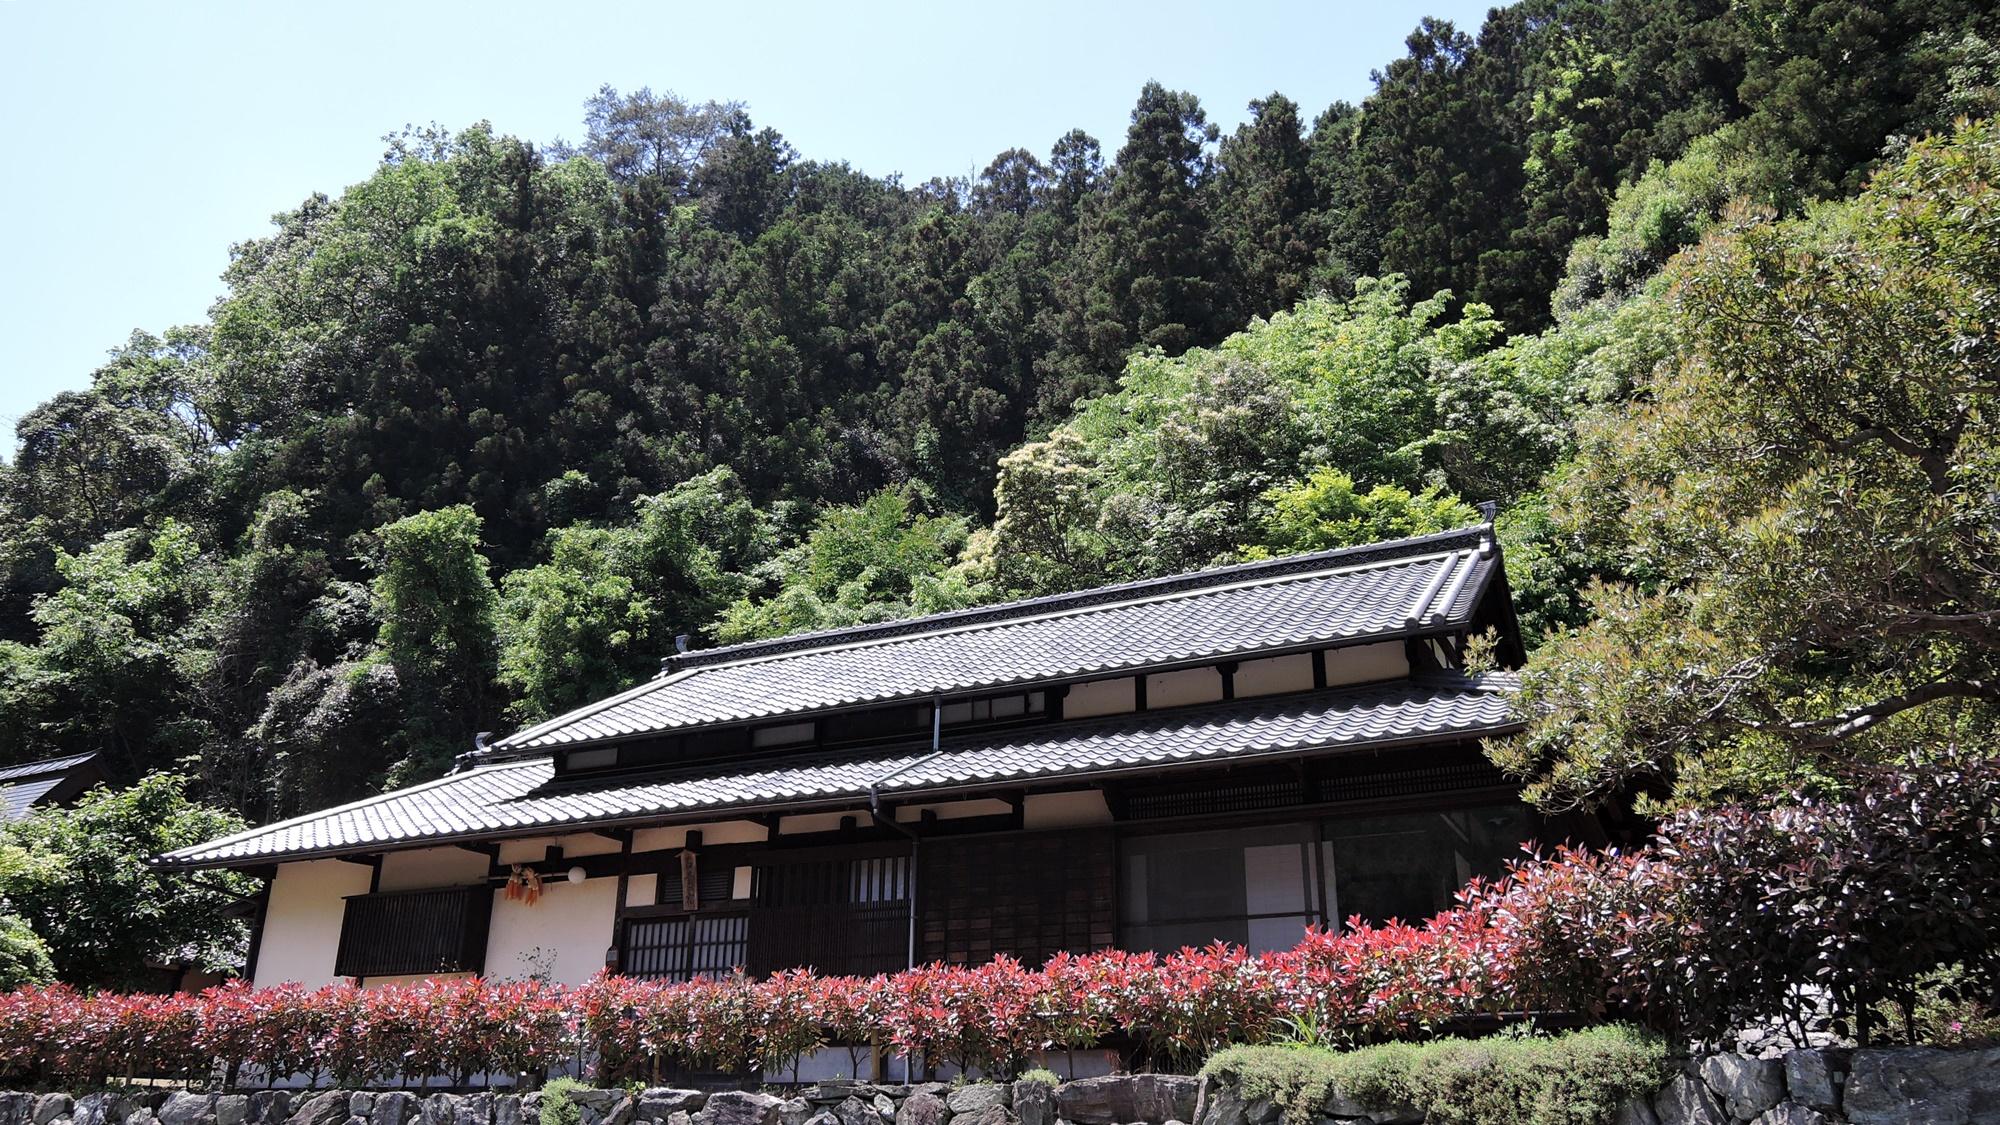 石畳の宿 image